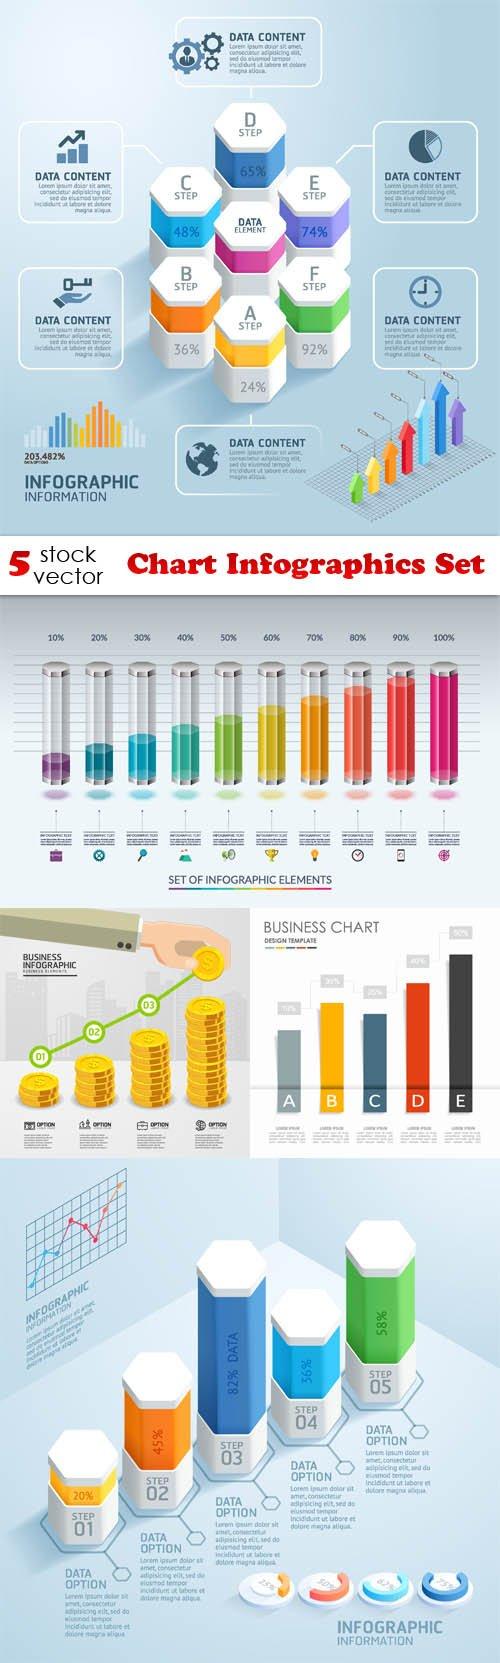 Vectors - Chart Infographics Set